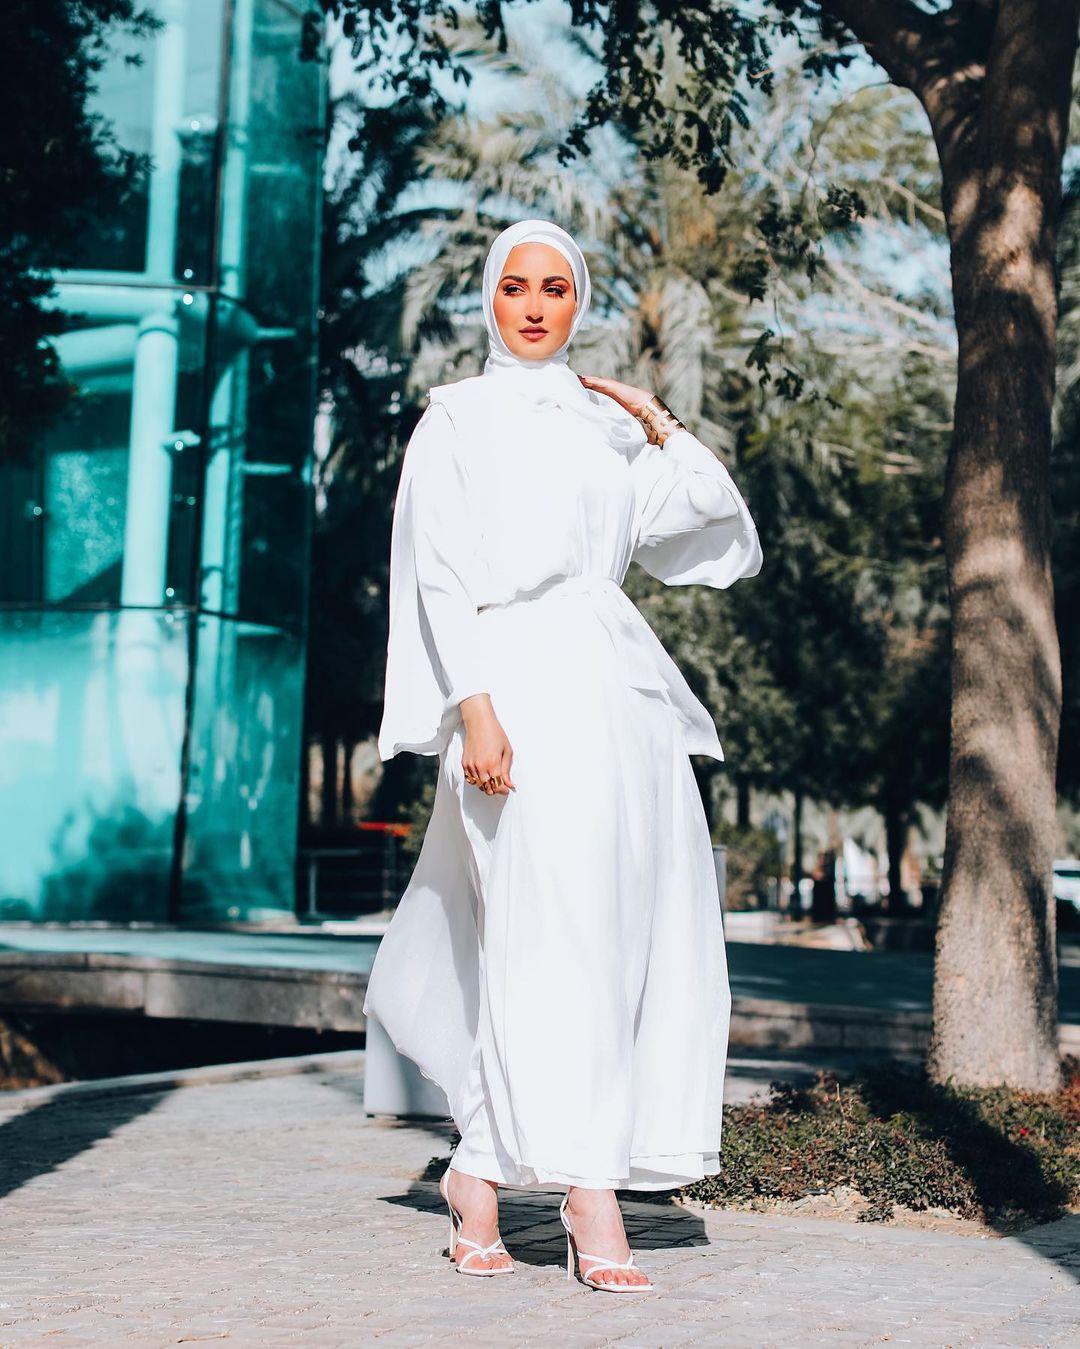 الفستان الماكس الأبيض حل مثالي لنهار رمضان من حساب دلال الدوب